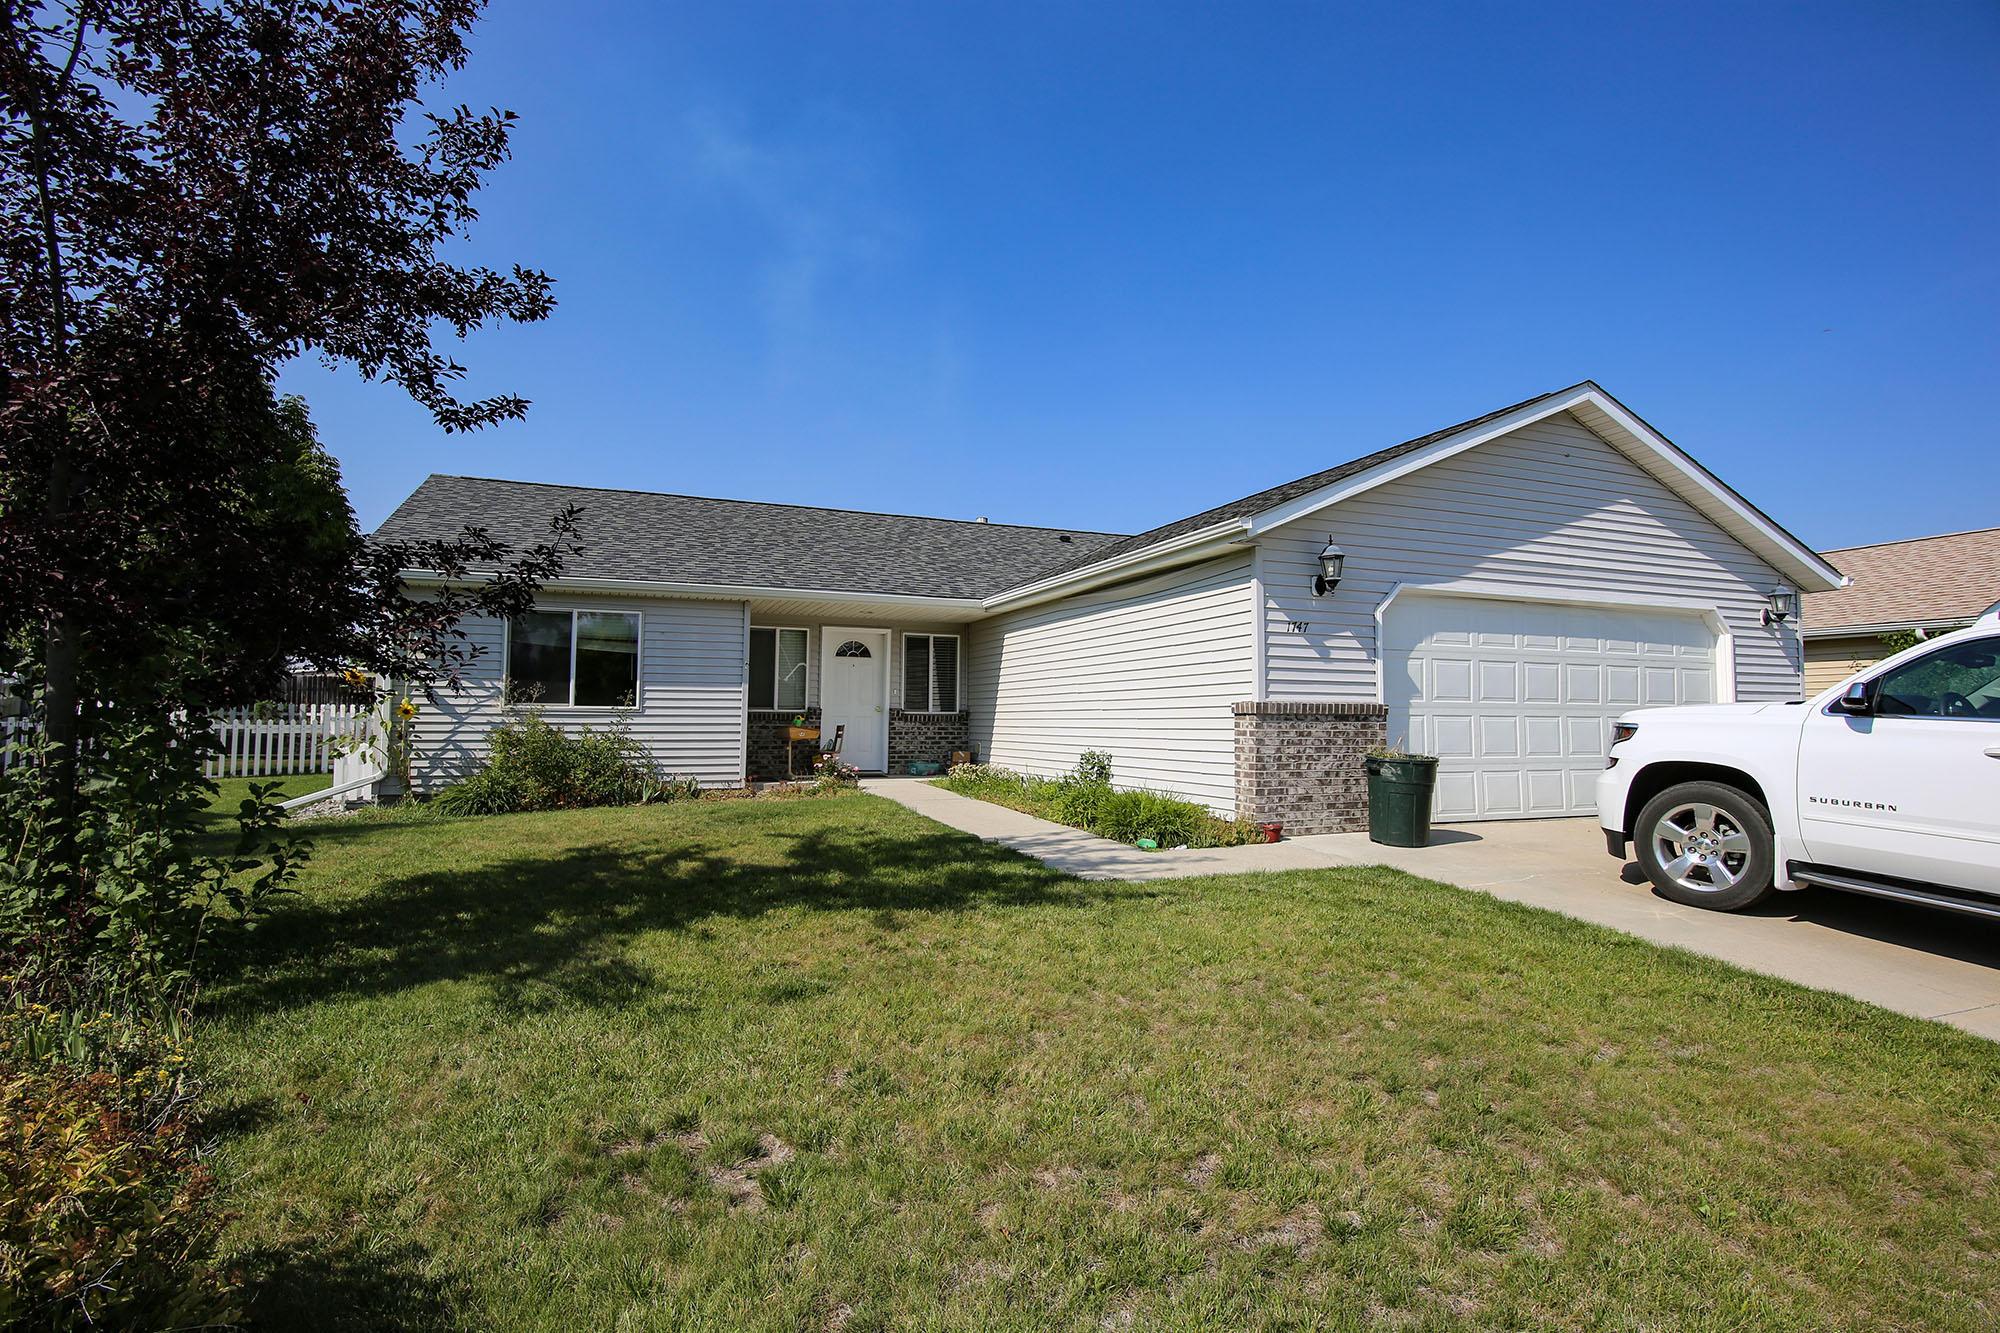 1747 Sagebrush Drive, Sheridan, Wyoming 82801, 5 Bedrooms Bedrooms, ,3 BathroomsBathrooms,Residential,For Sale,Sagebrush,18-881